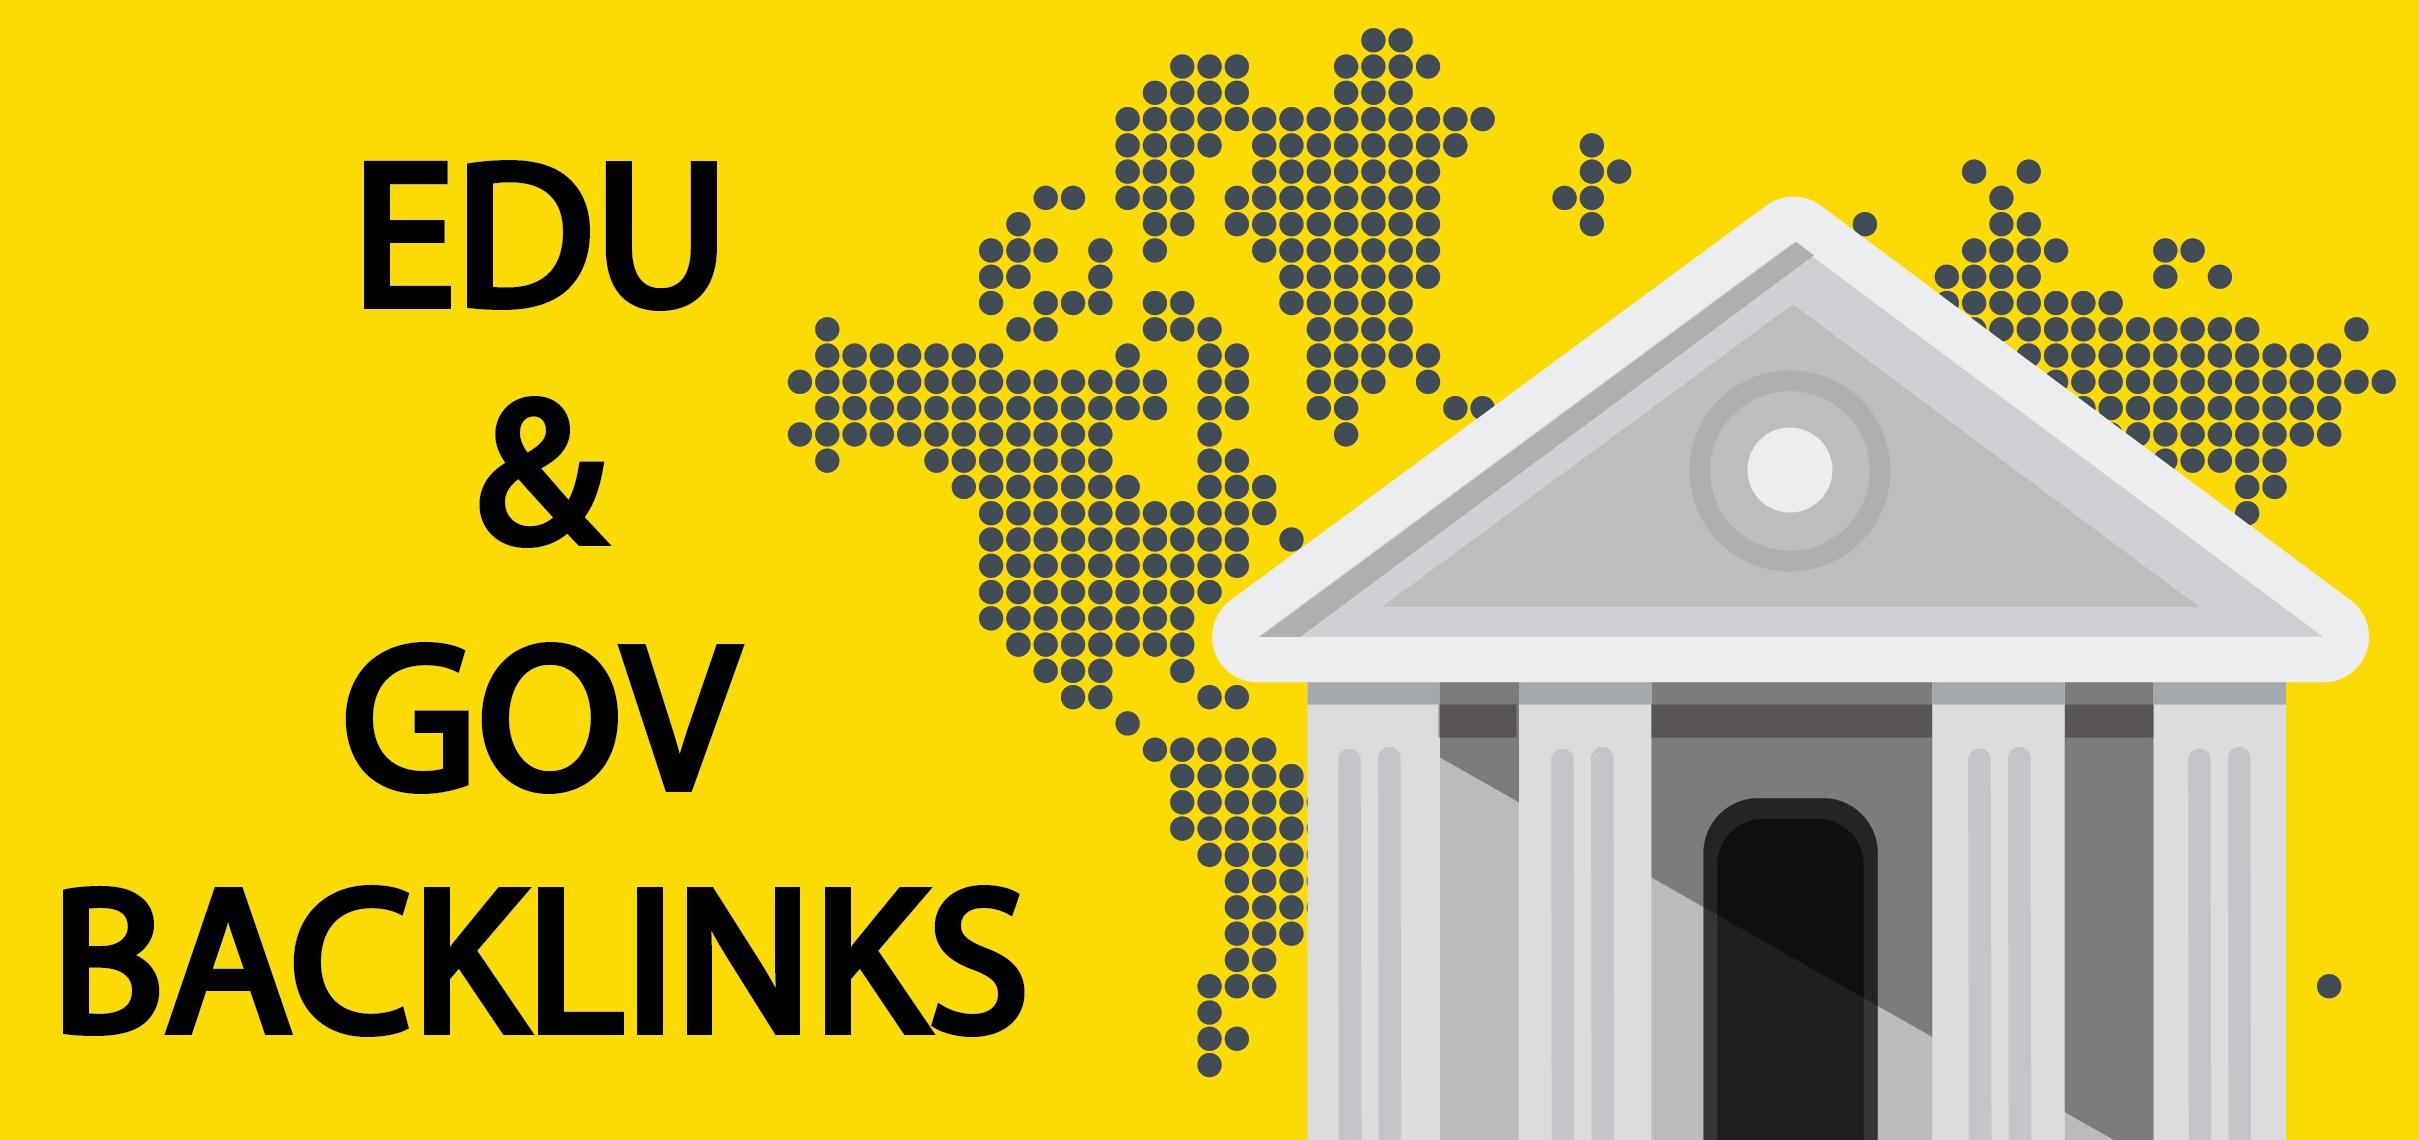 GOV EDU 20 HIGH PR BACKLINKS FOR TOP RANK YOUR WEBSITE / BLOG